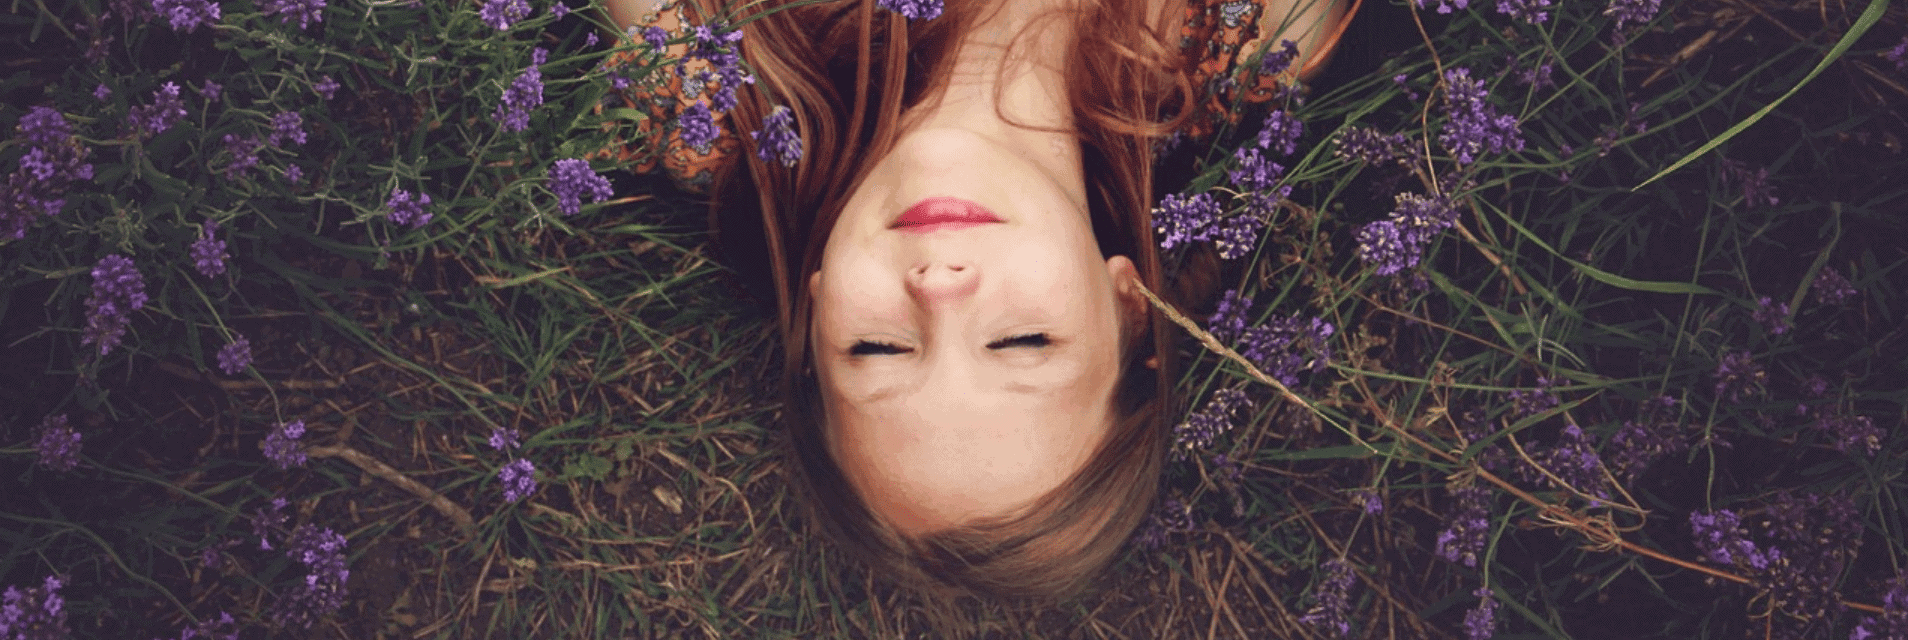 Wegweiser Pfeiler Erfüllung Traum erfüllen Herzenswunsch